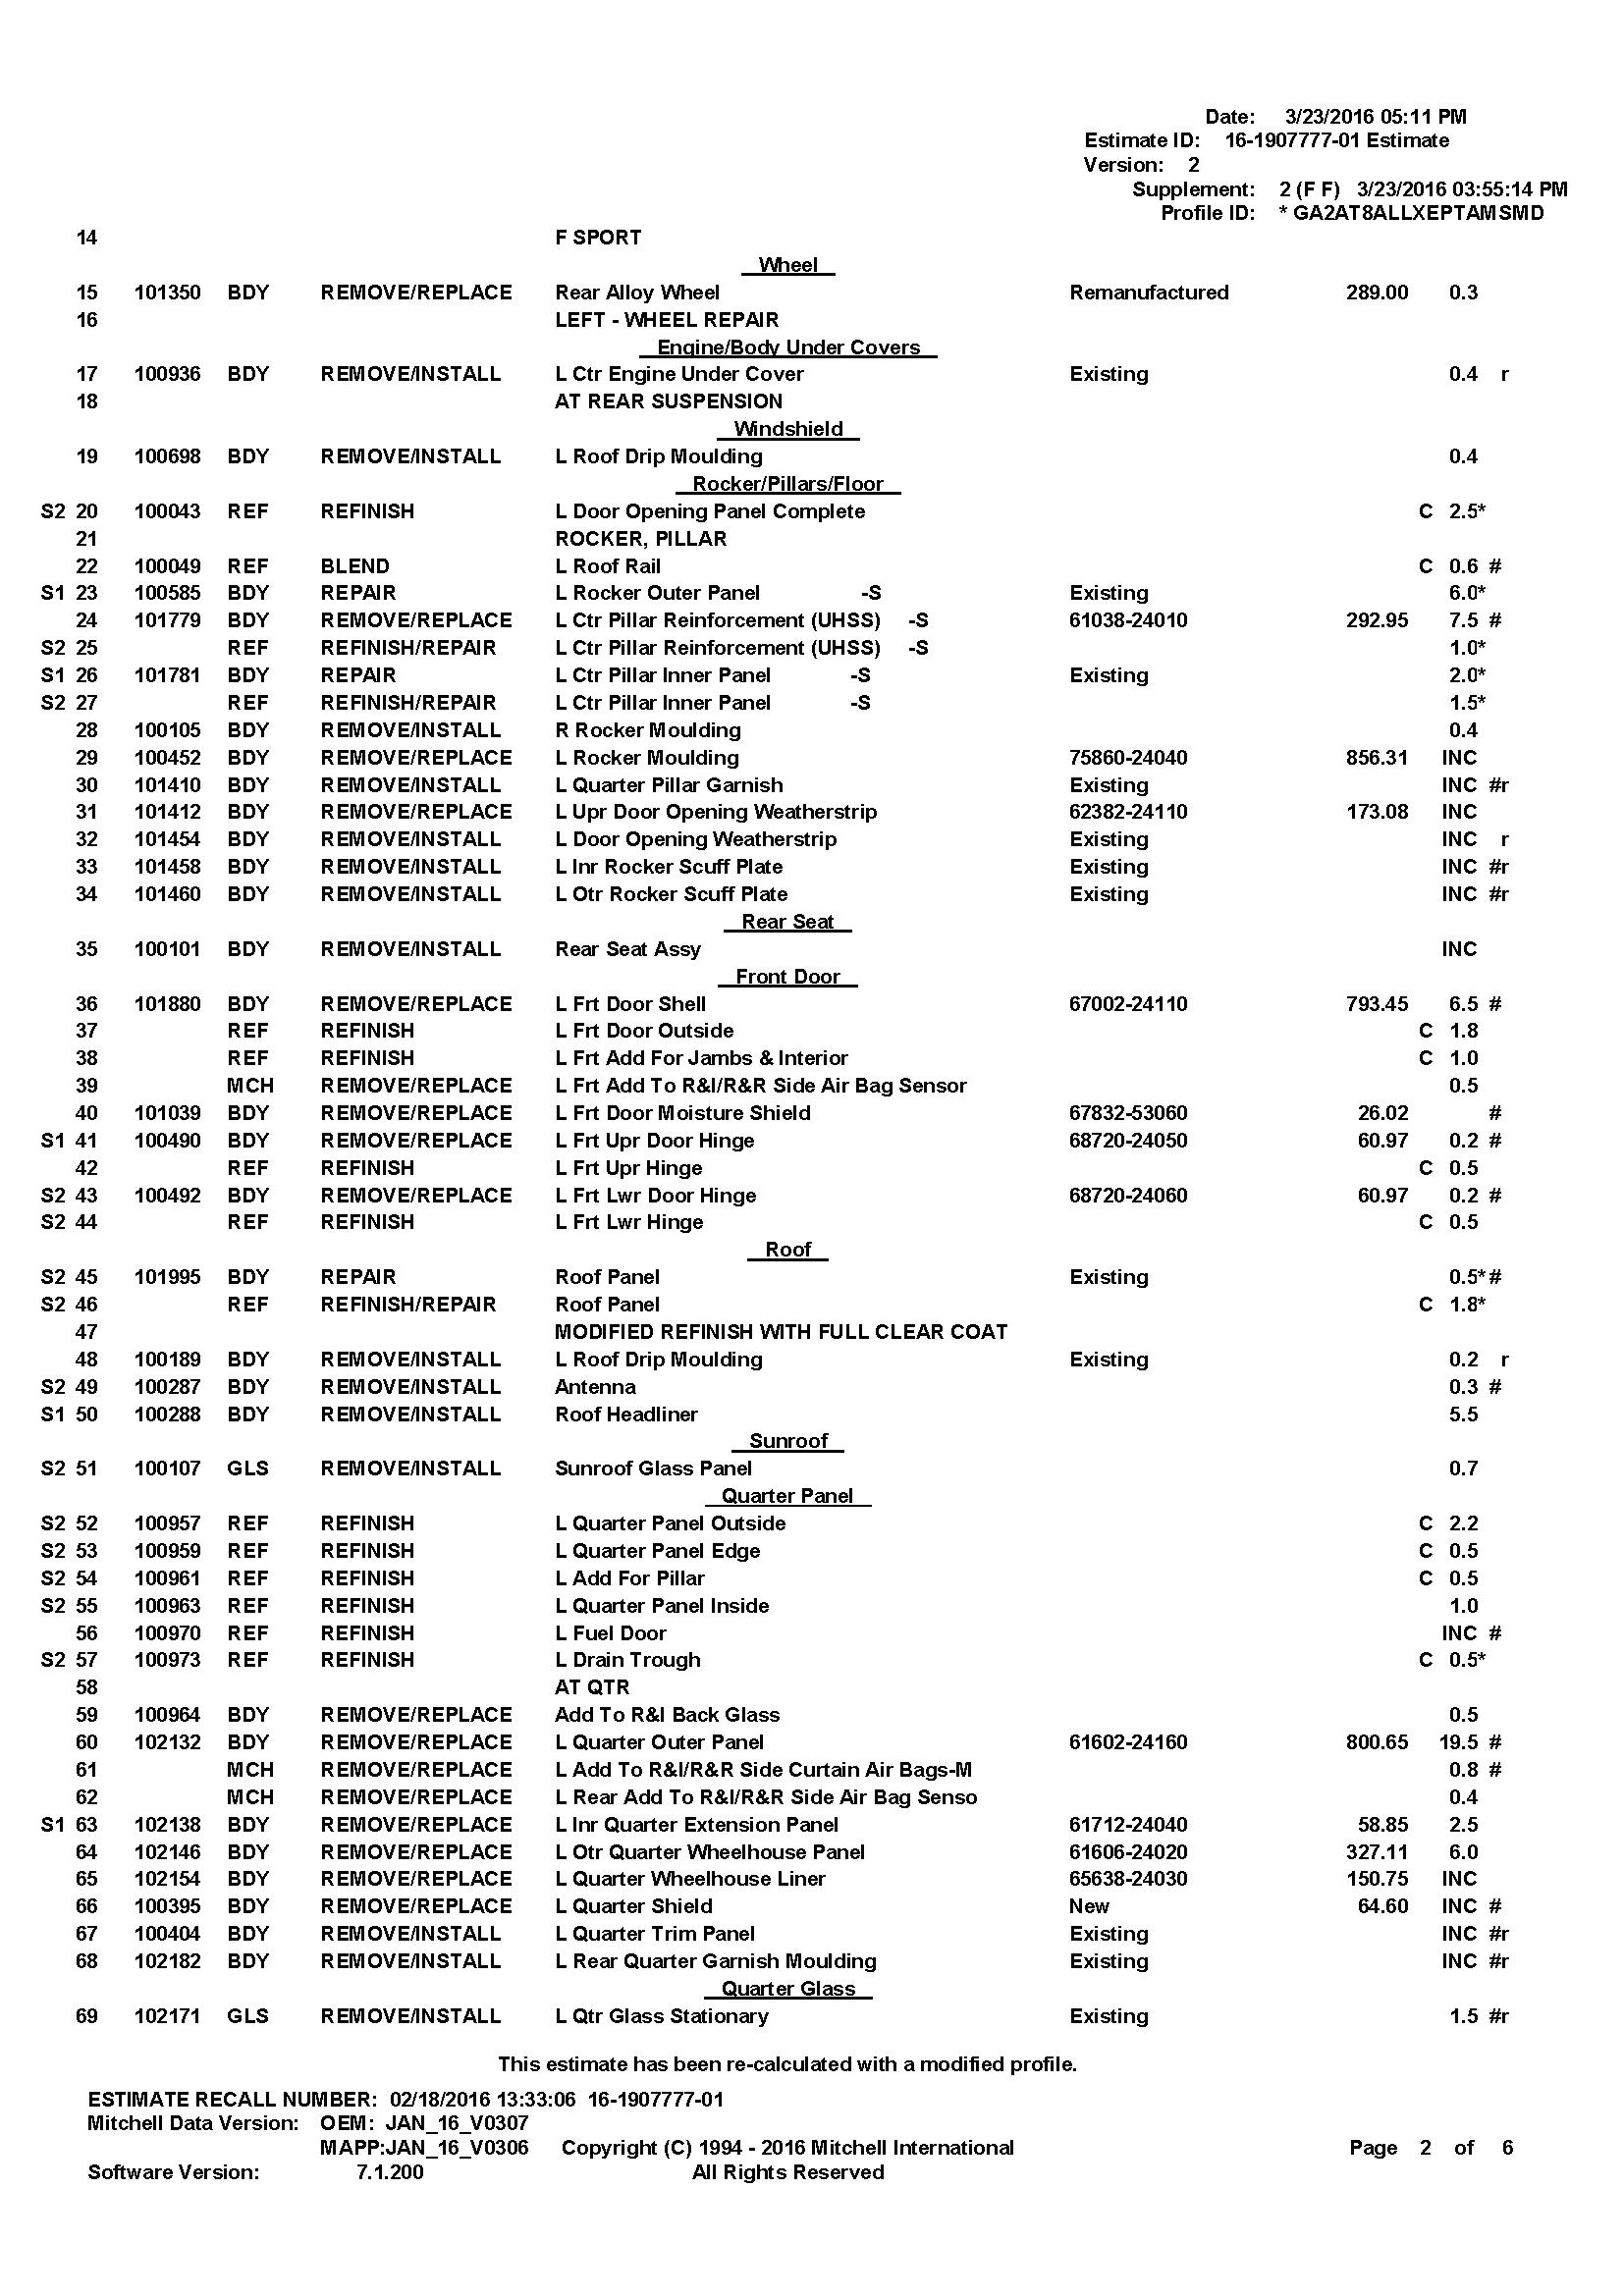 repair estimate upload